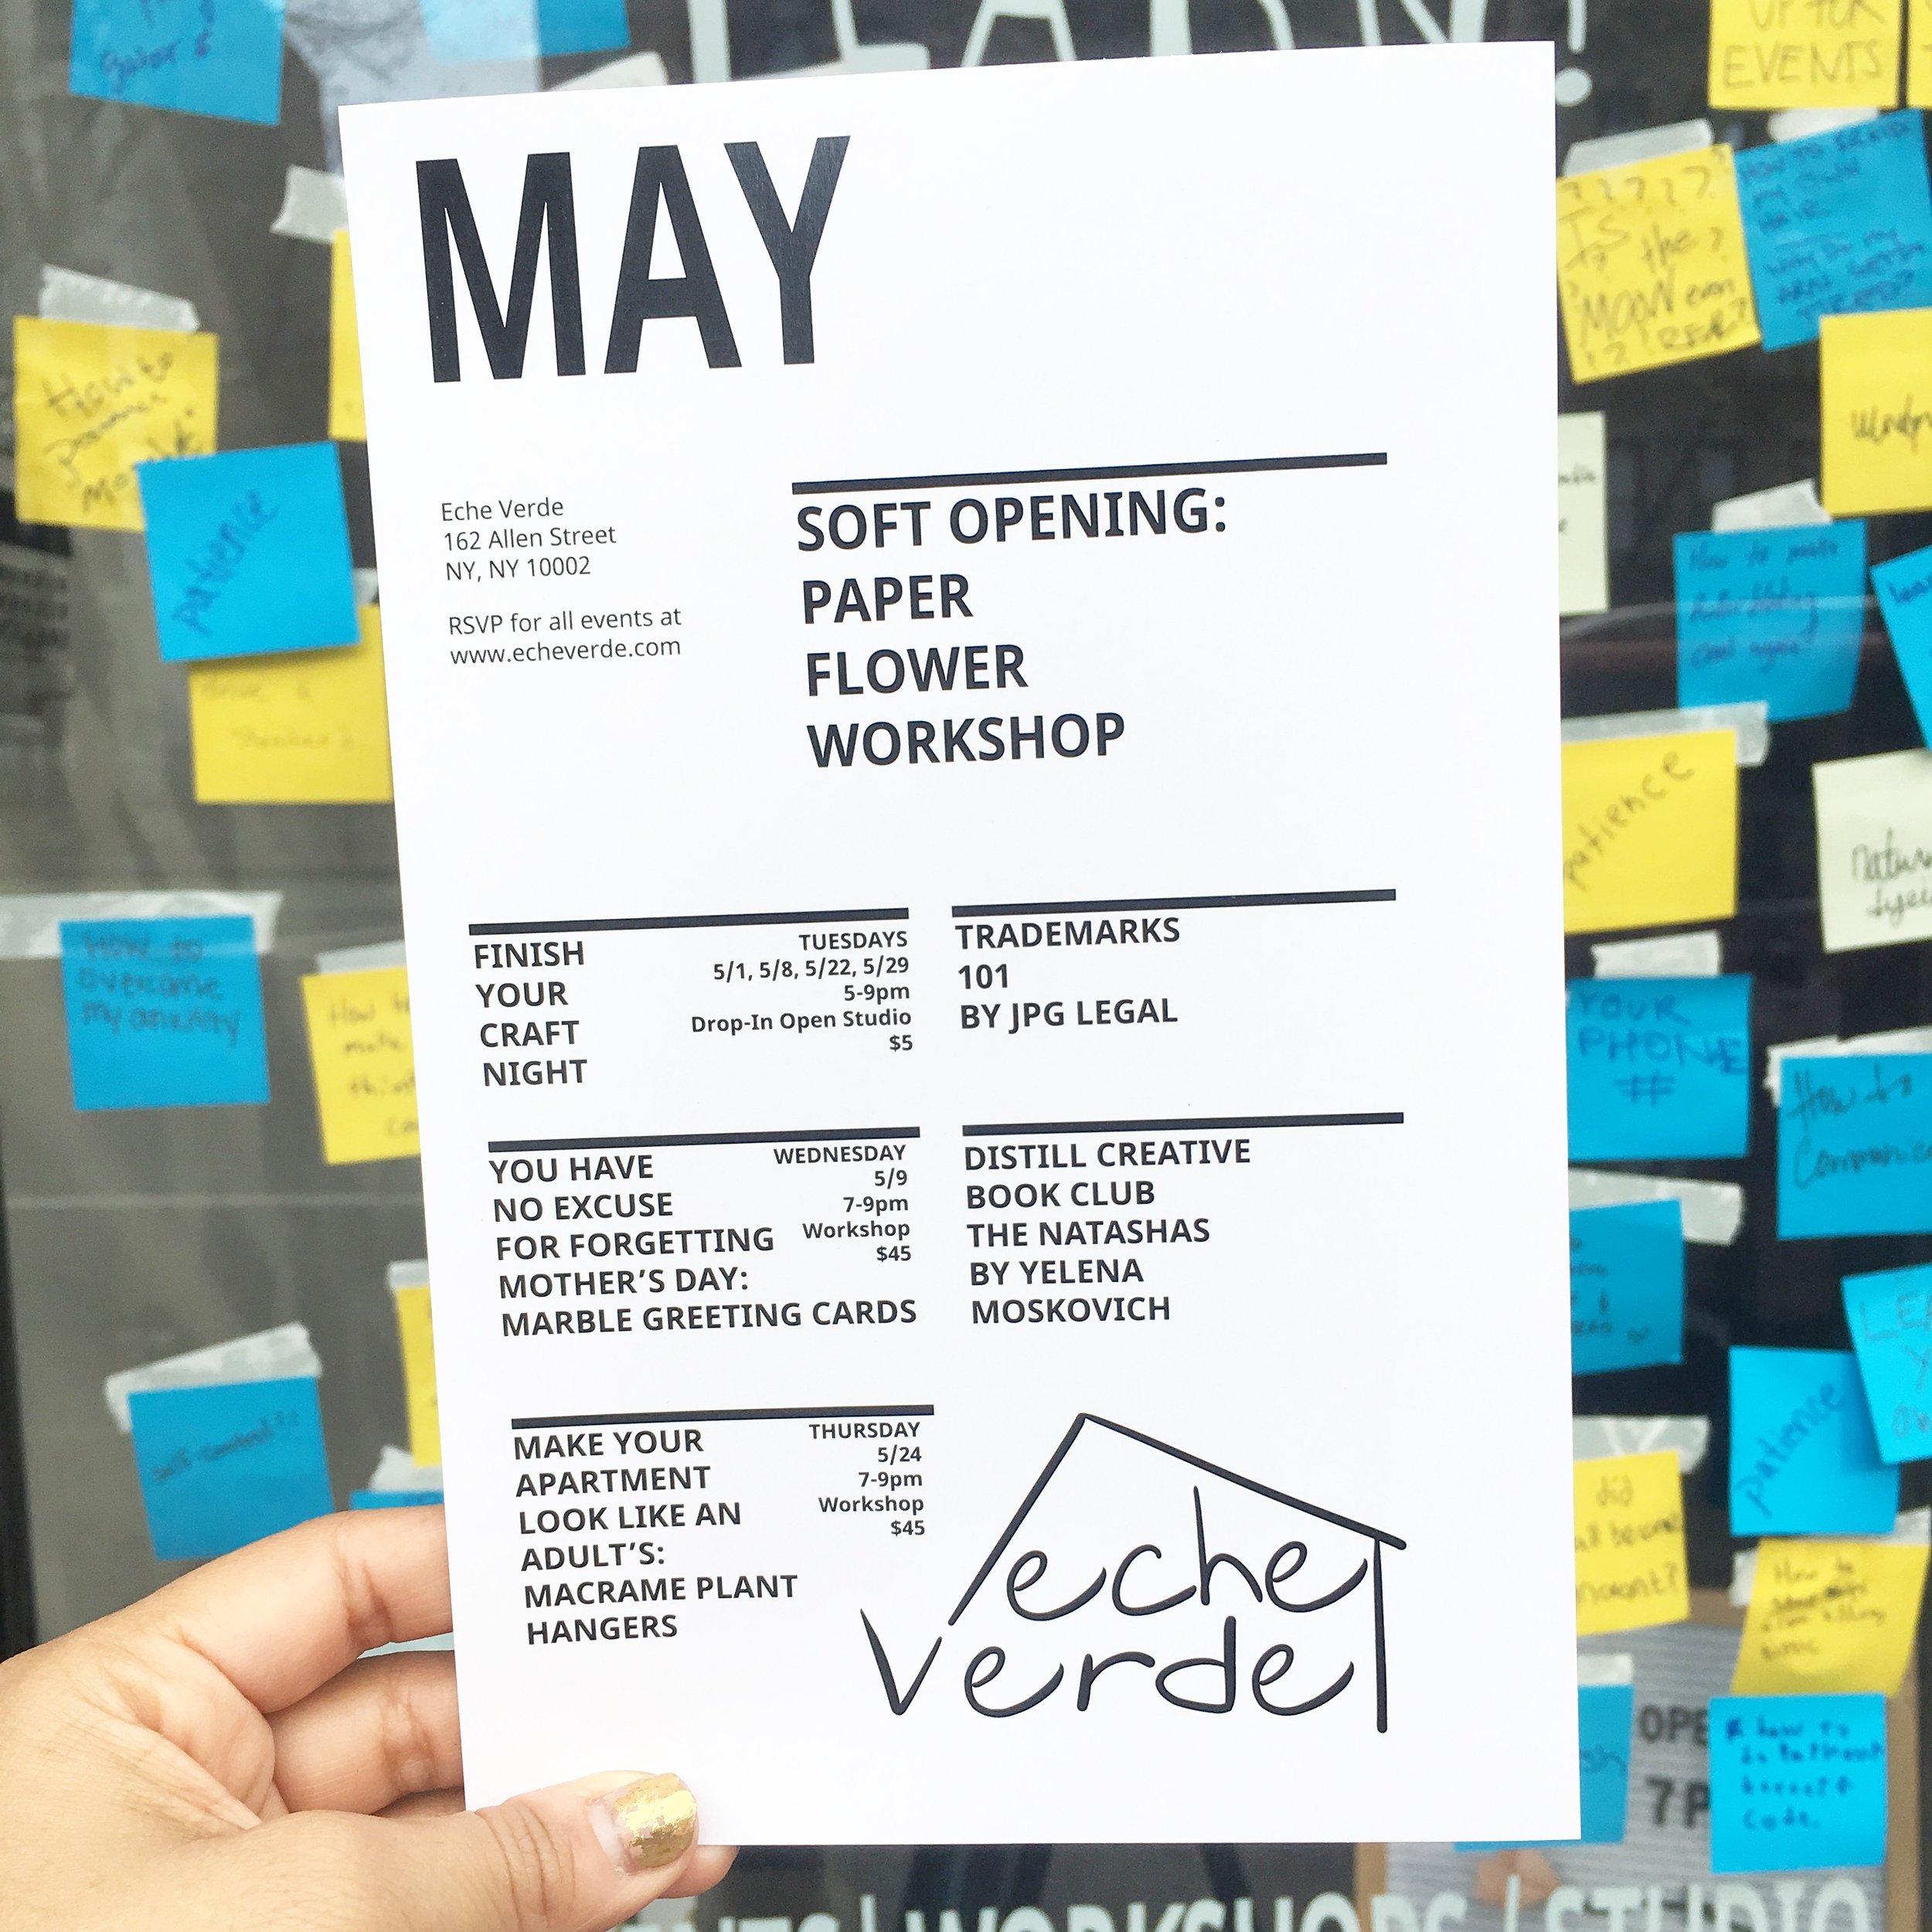 Eche Verde May Calendar